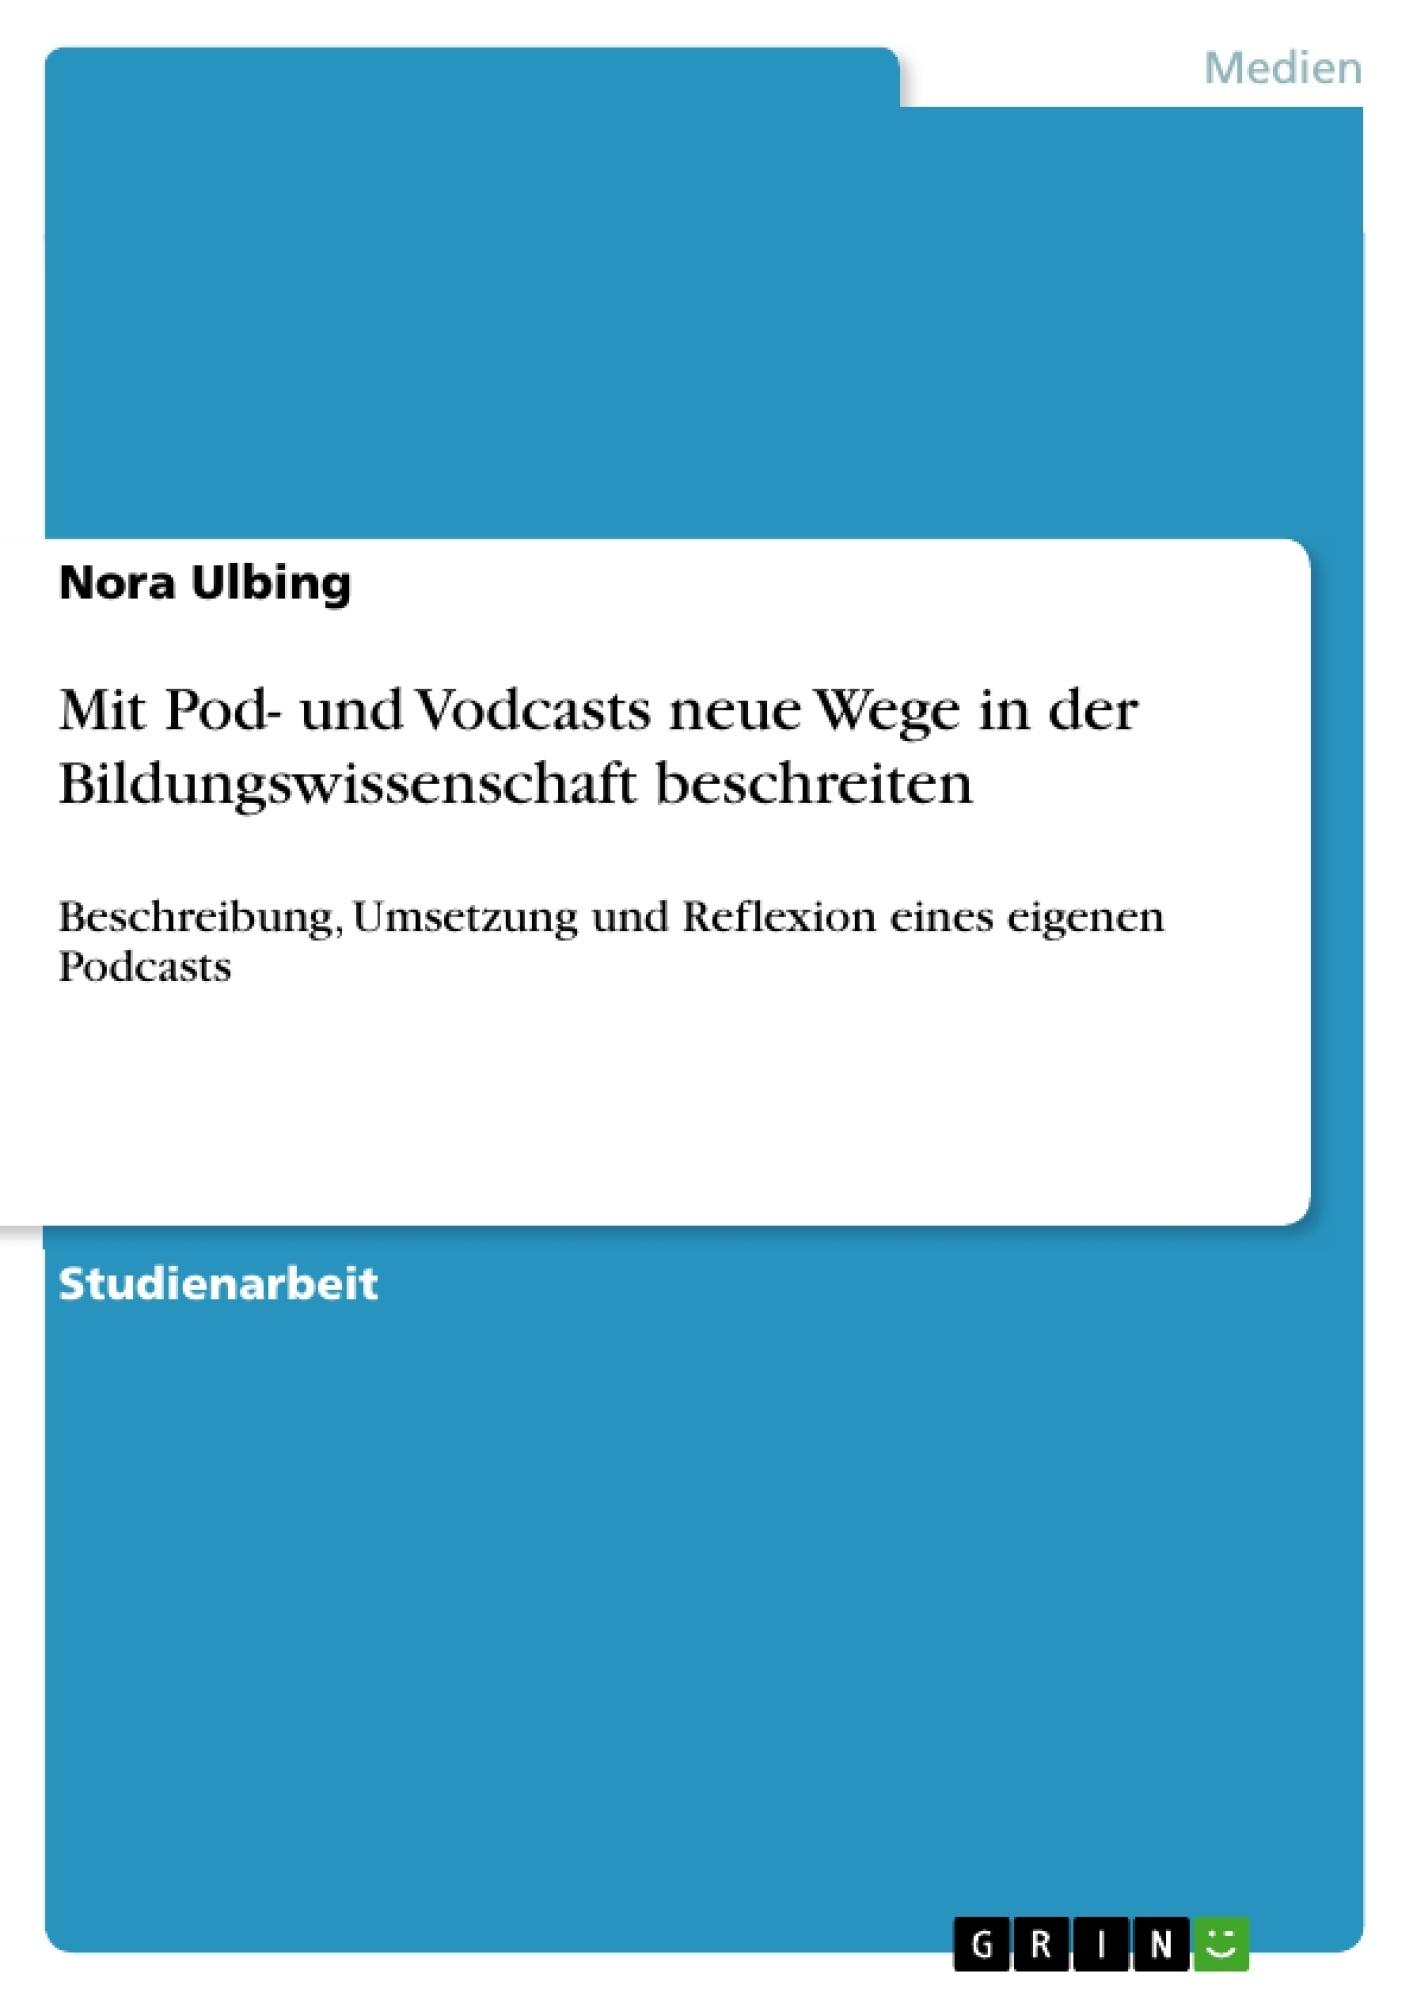 Titel: Mit Pod- und Vodcasts neue Wege in der Bildungswissenschaft beschreiten